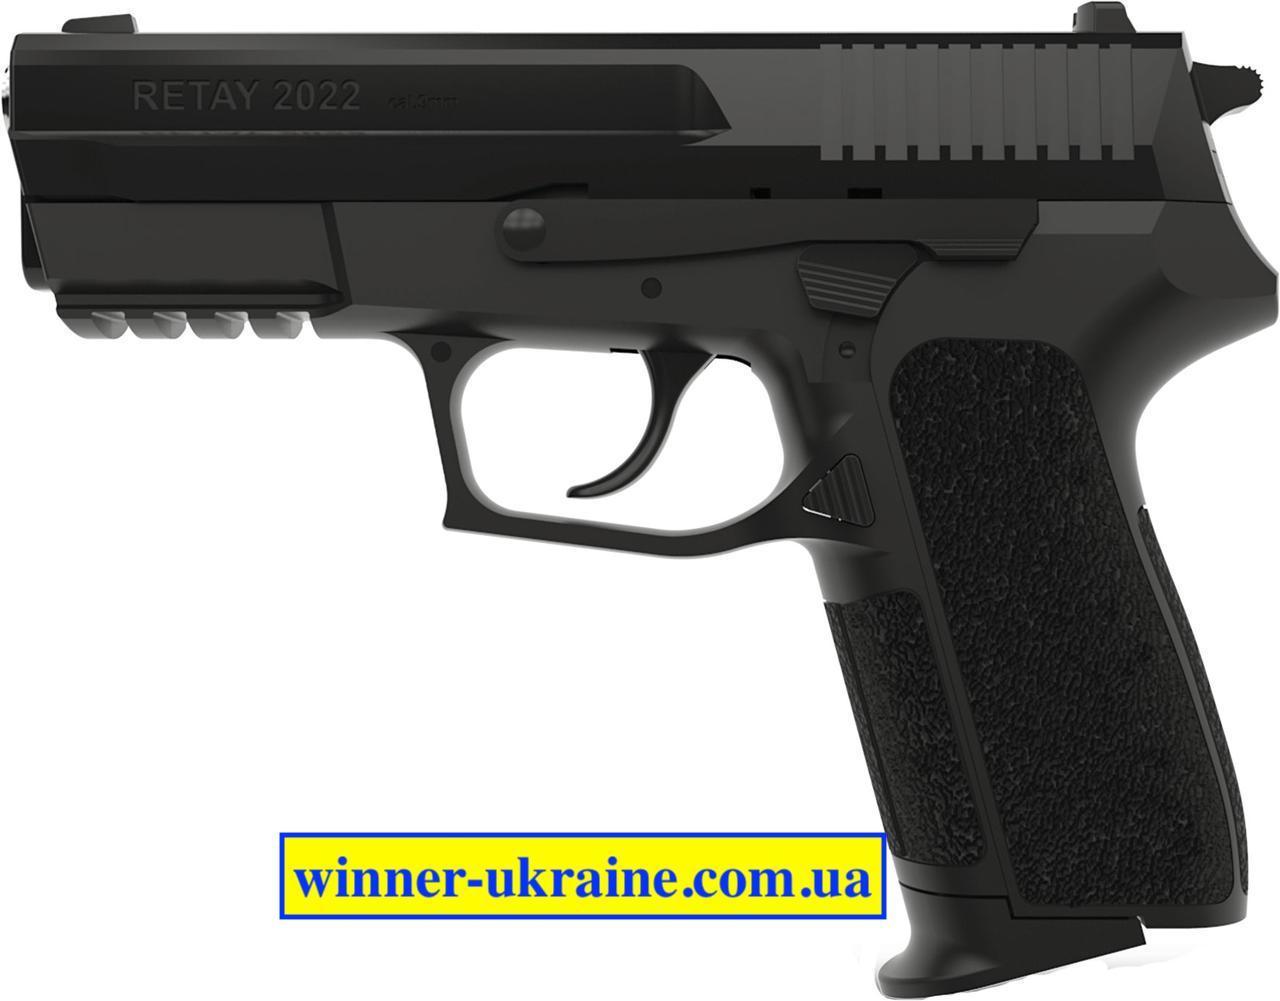 Стартовий пістолет Retay 2022 black